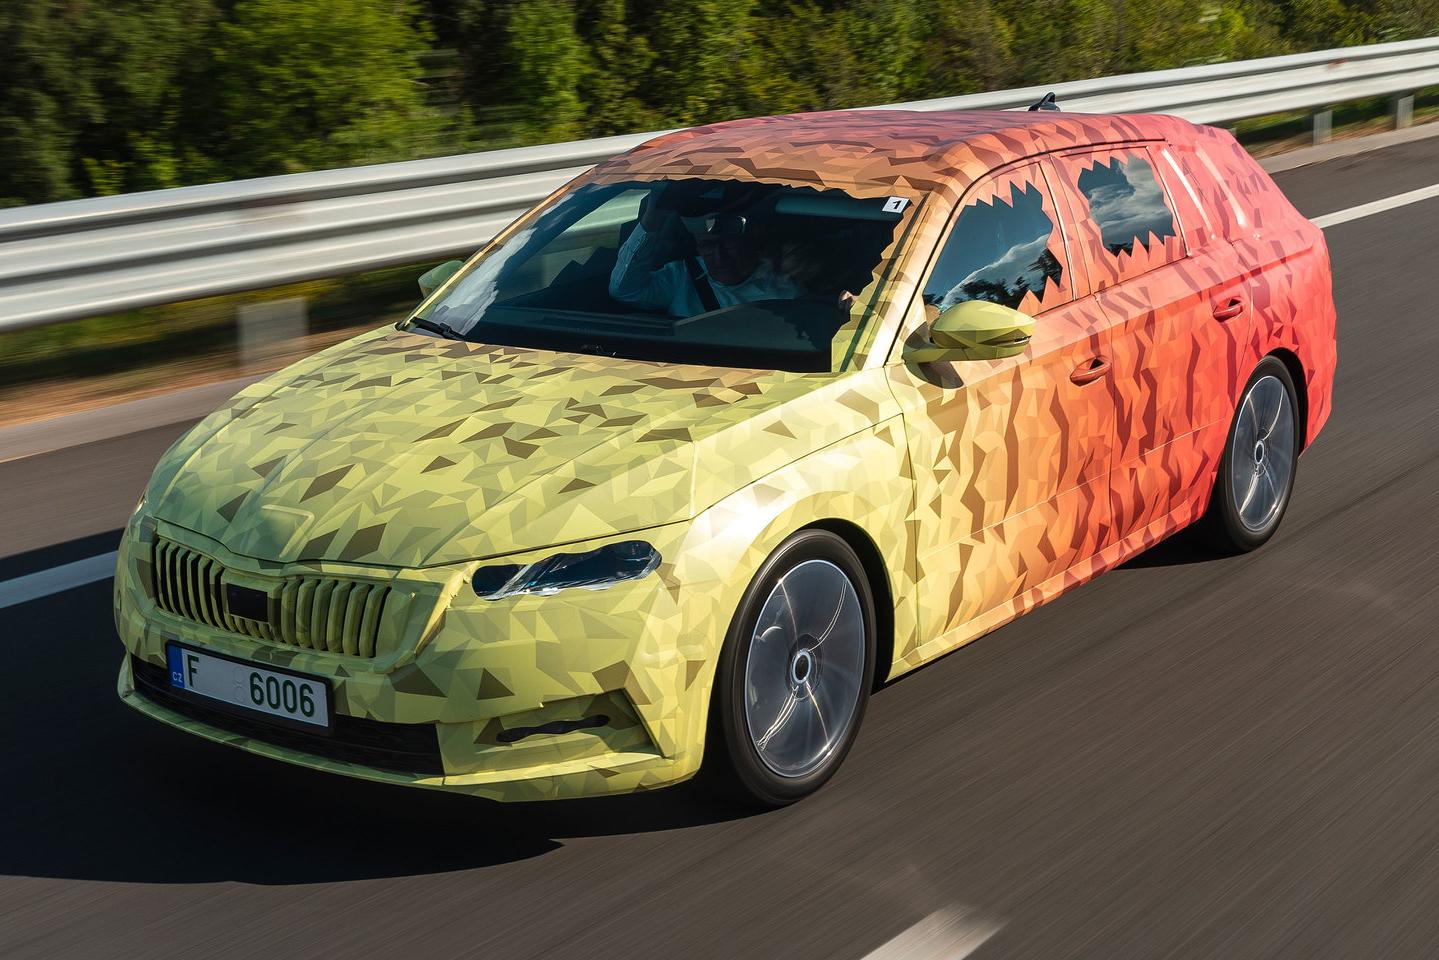 LEVA TRAINO controllo motore per AUDI SEAT SKODA VW Nuovo